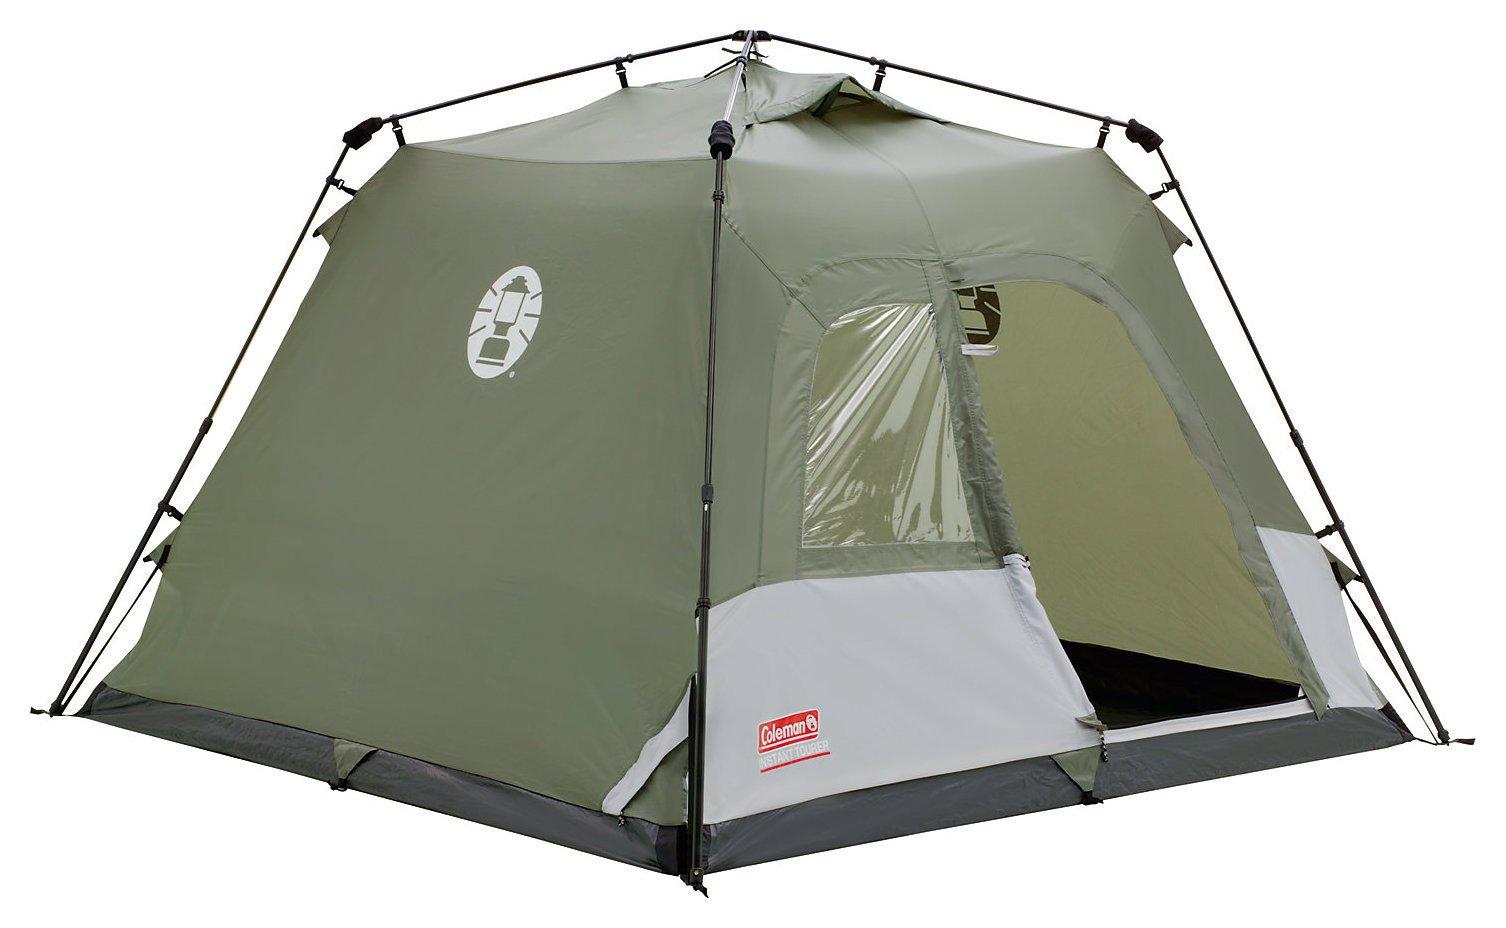 Coleman Instant Tourer 4 Man Tent review